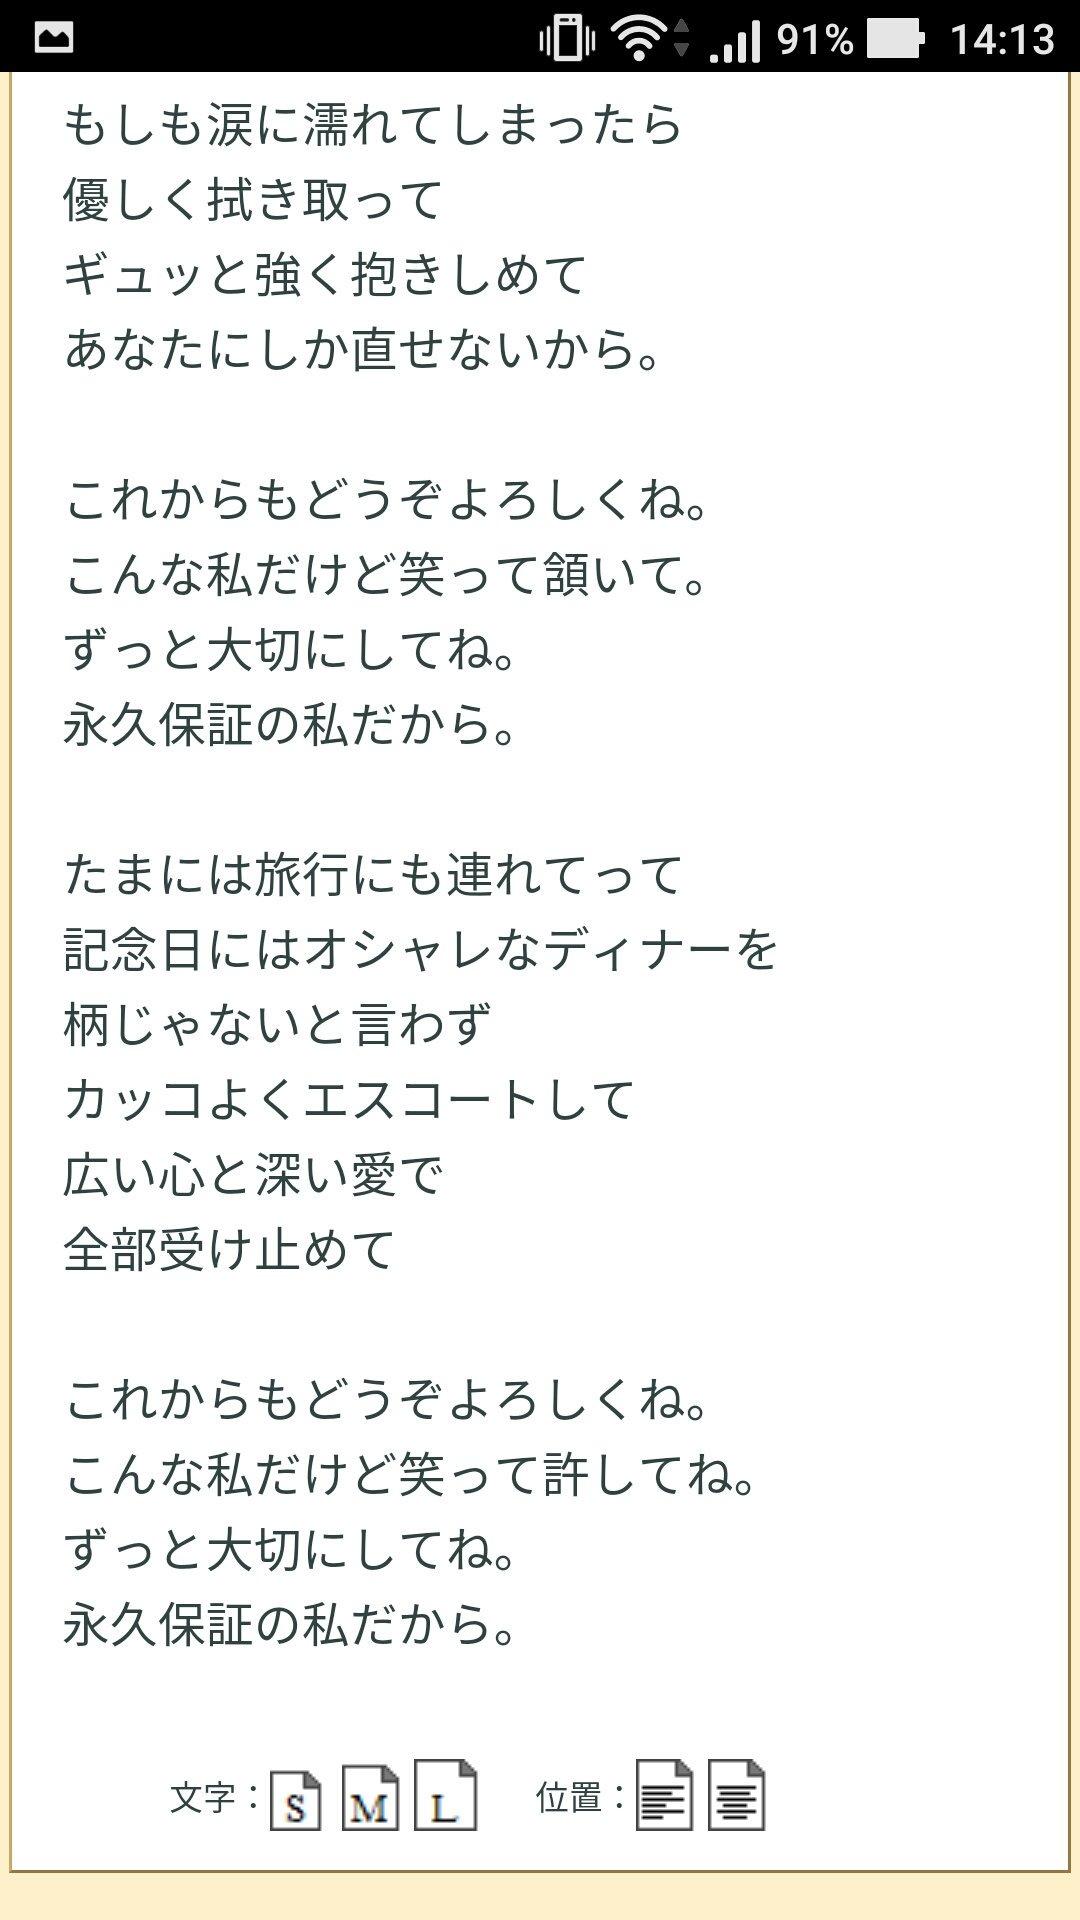 西野カナ トリセツ 歌詞